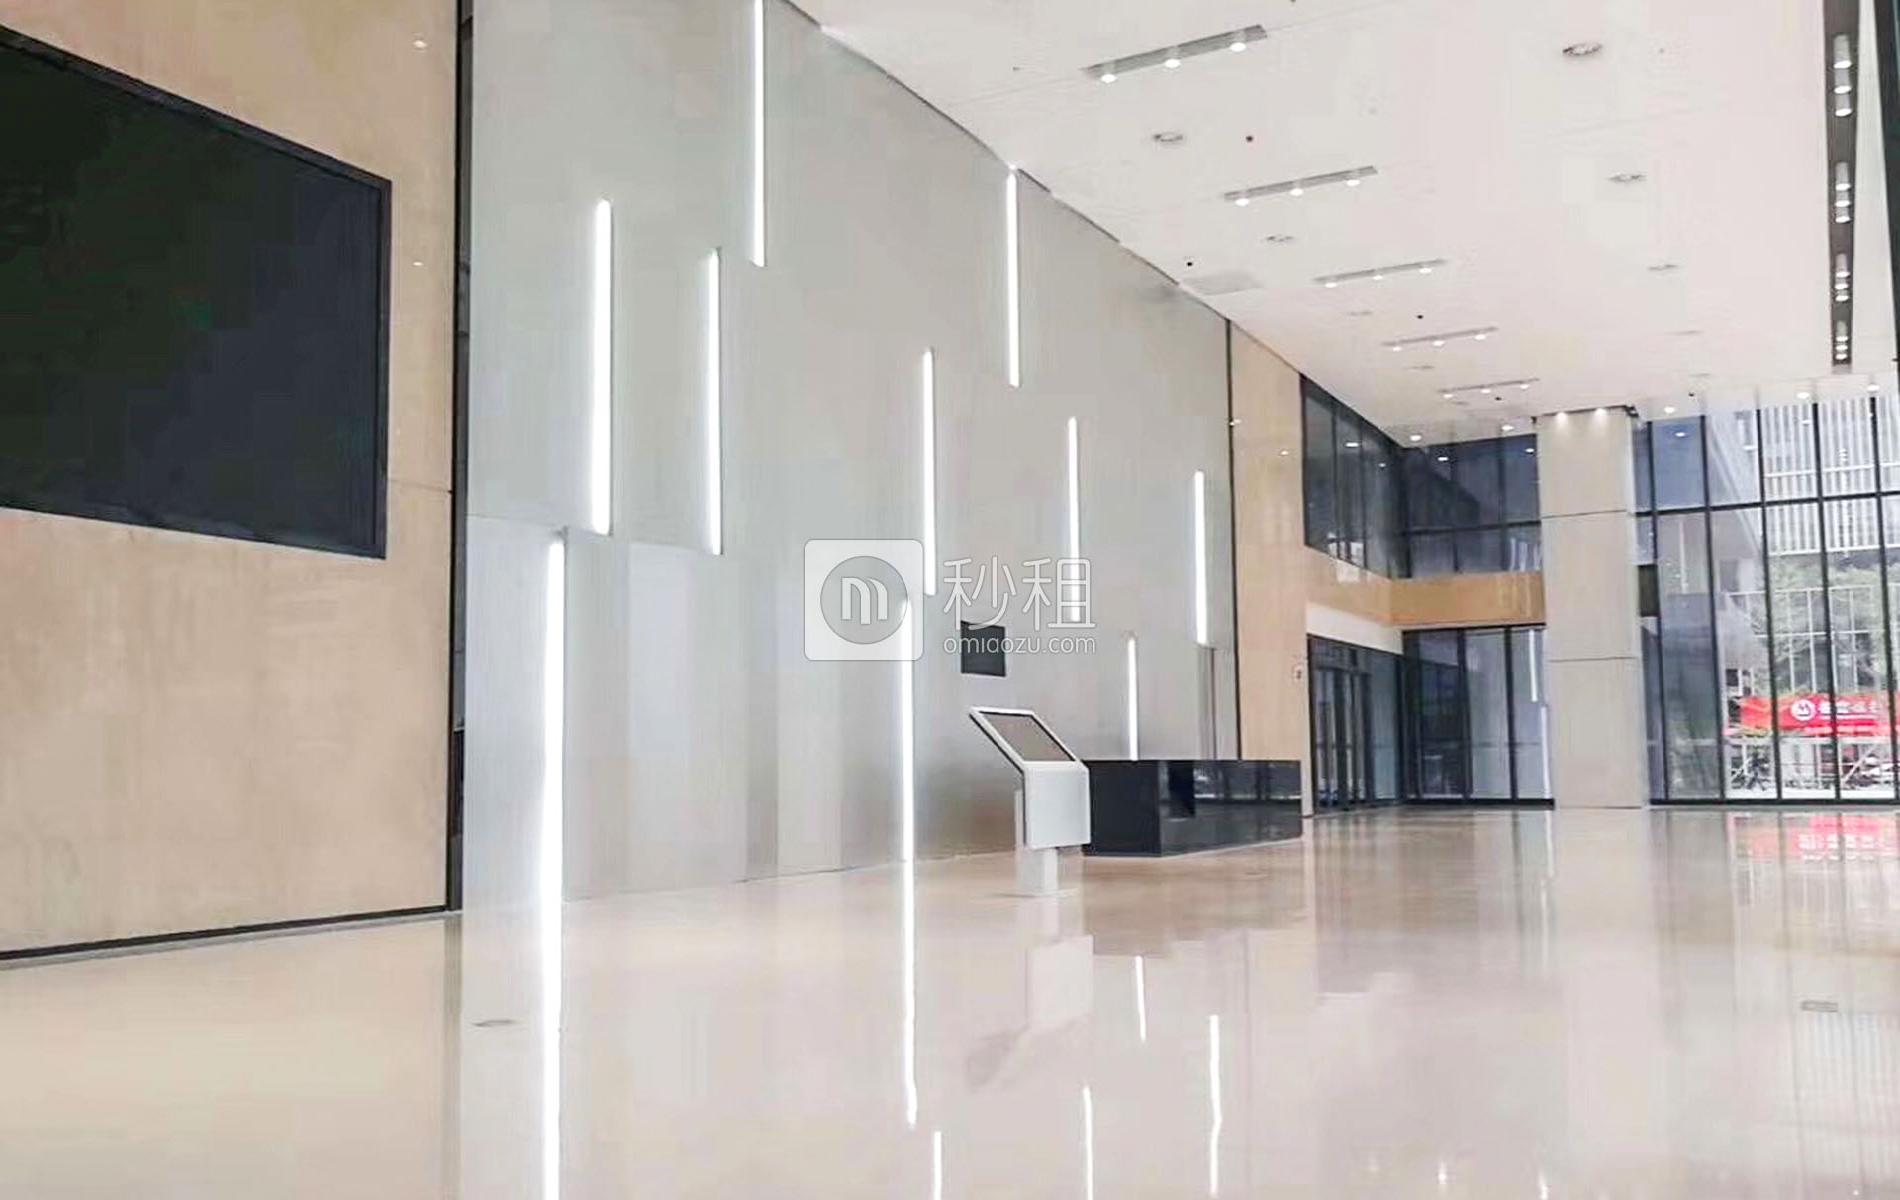 深圳湾科技生态园(三期)写字楼出租/招租/租赁,深圳湾科技生态园(三期)办公室出租/招租/租赁